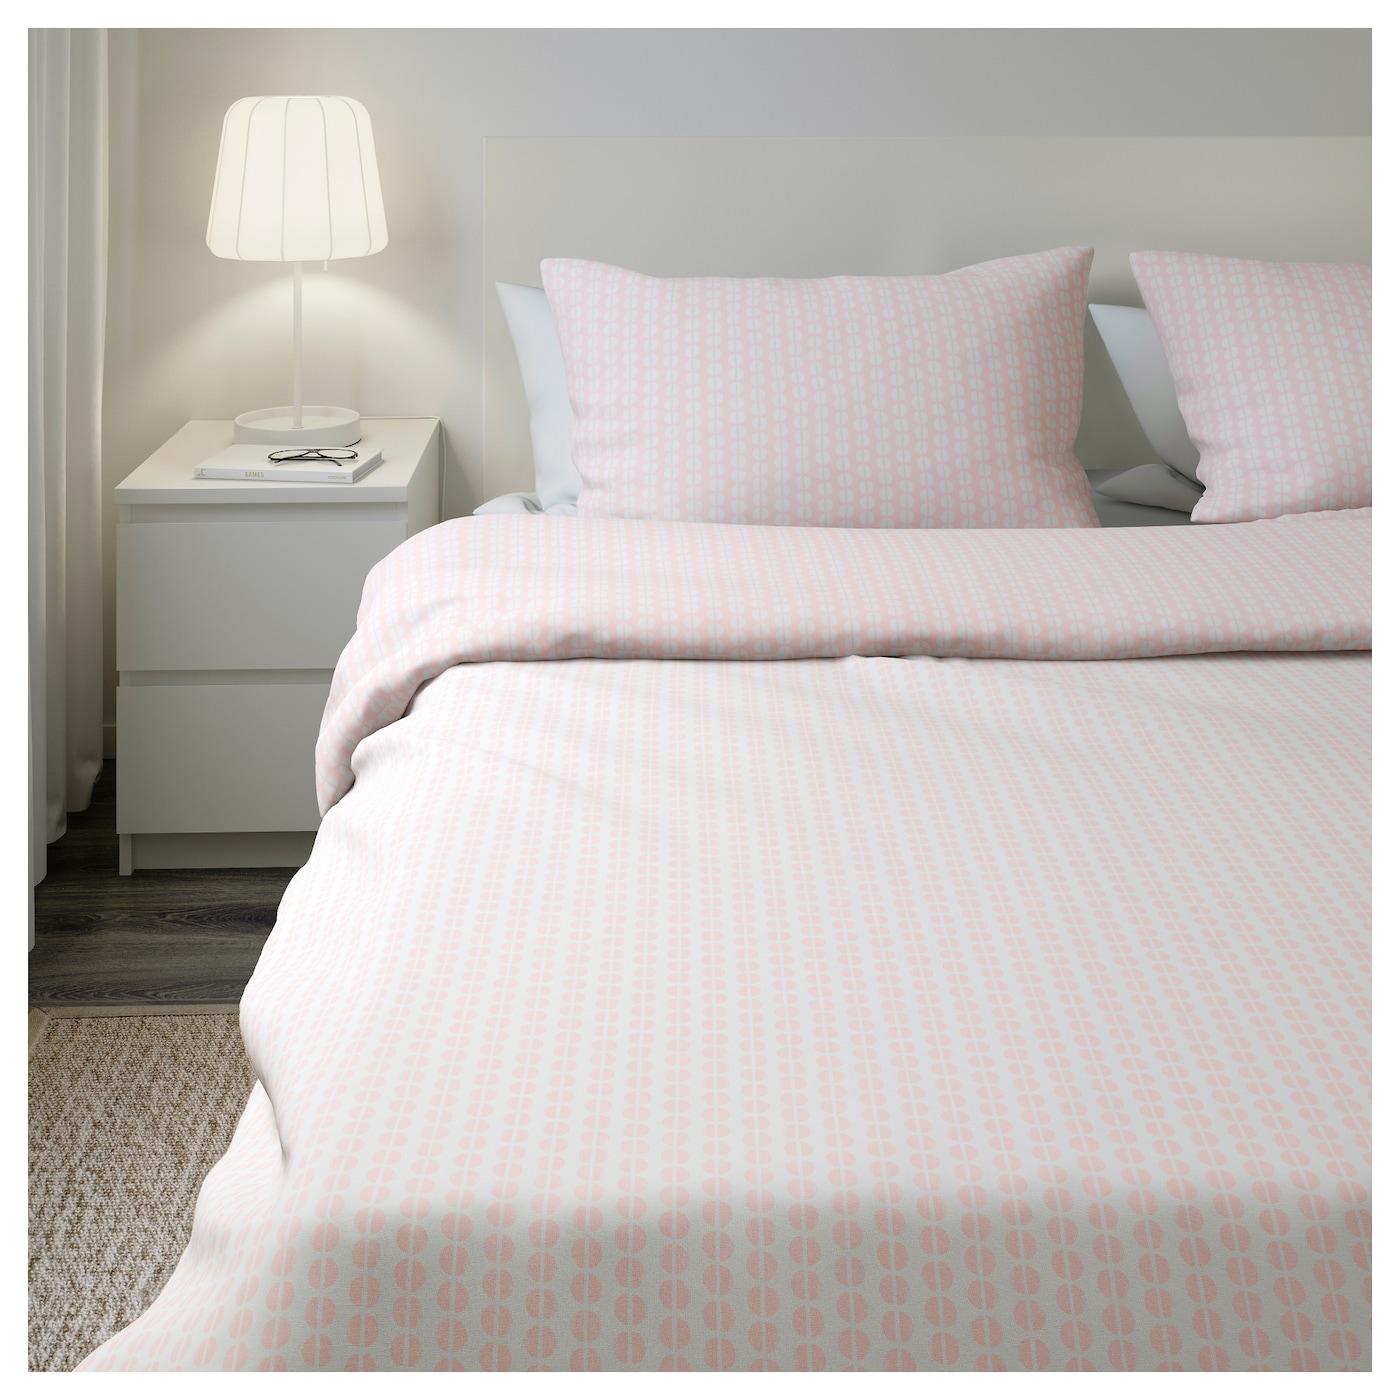 fj llvedel dekbedovertrek met 2 slopen roze 240x220 50x60 cm ikea. Black Bedroom Furniture Sets. Home Design Ideas